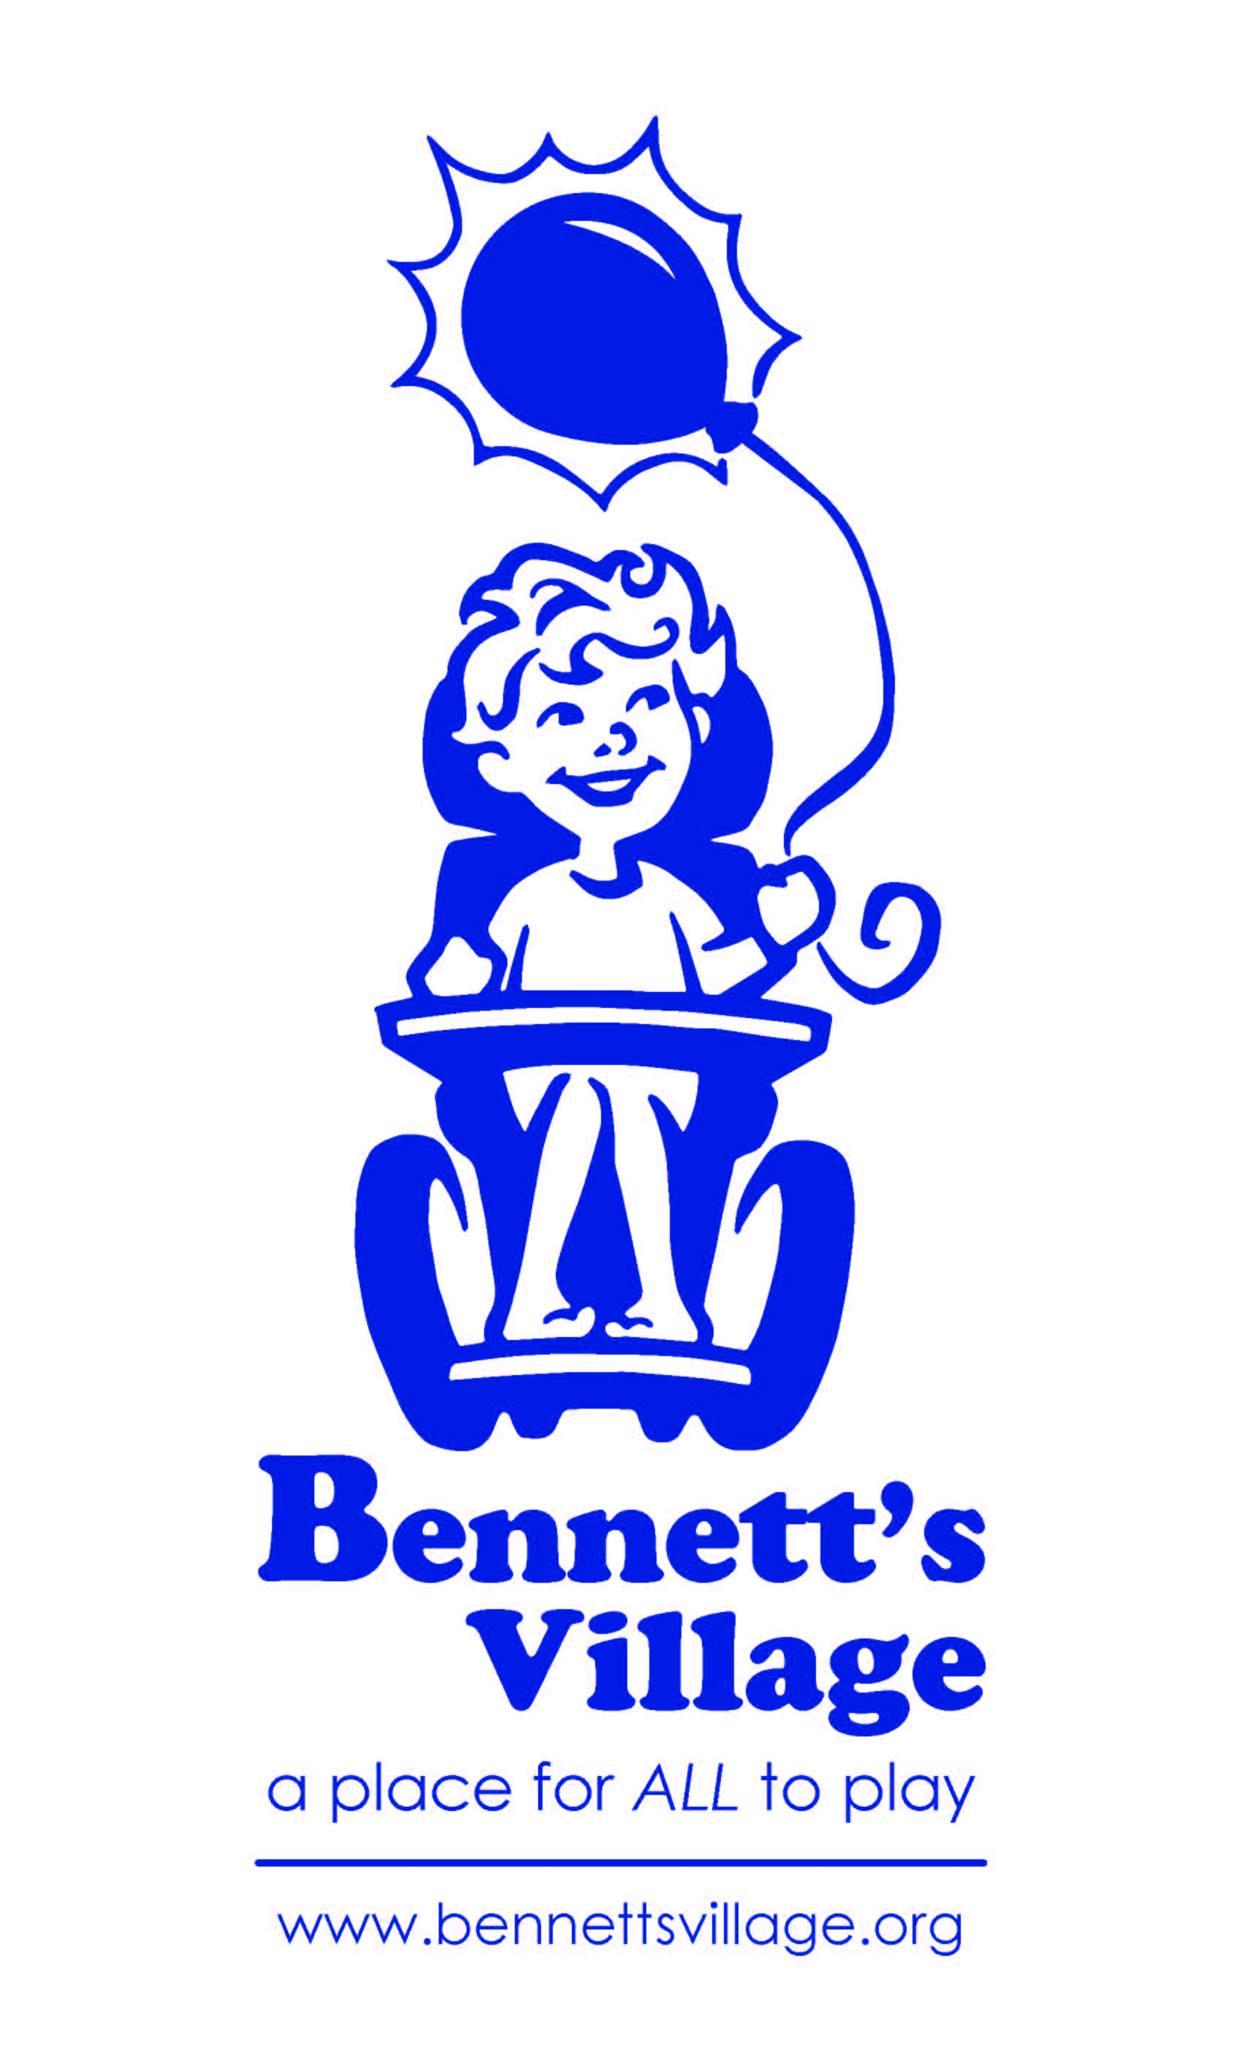 original Bennett's Village logo, child in chair with balloon